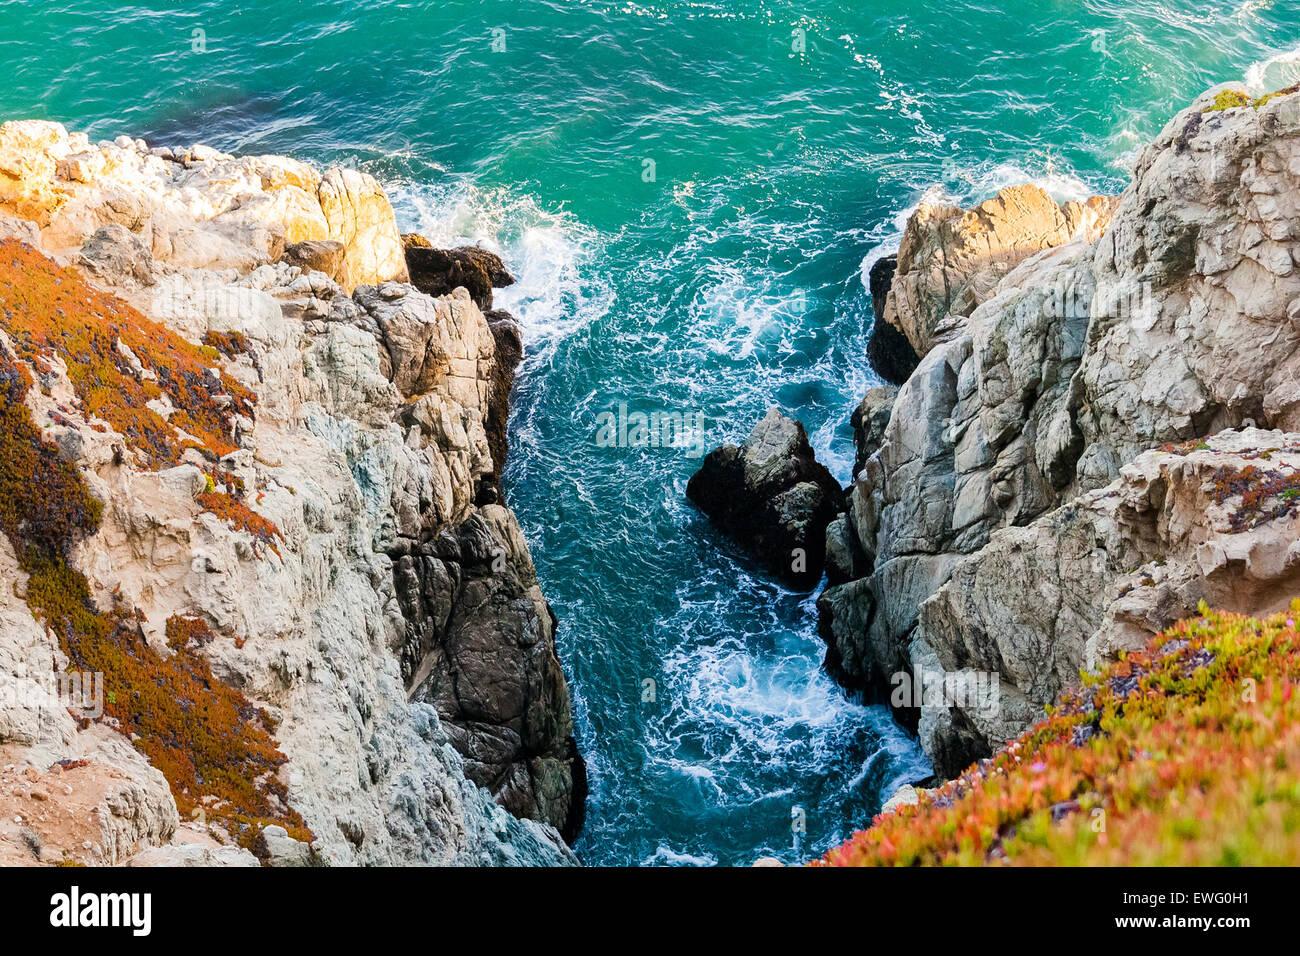 D'entrée de l'océan entre les affleurements rocheux Photo Stock